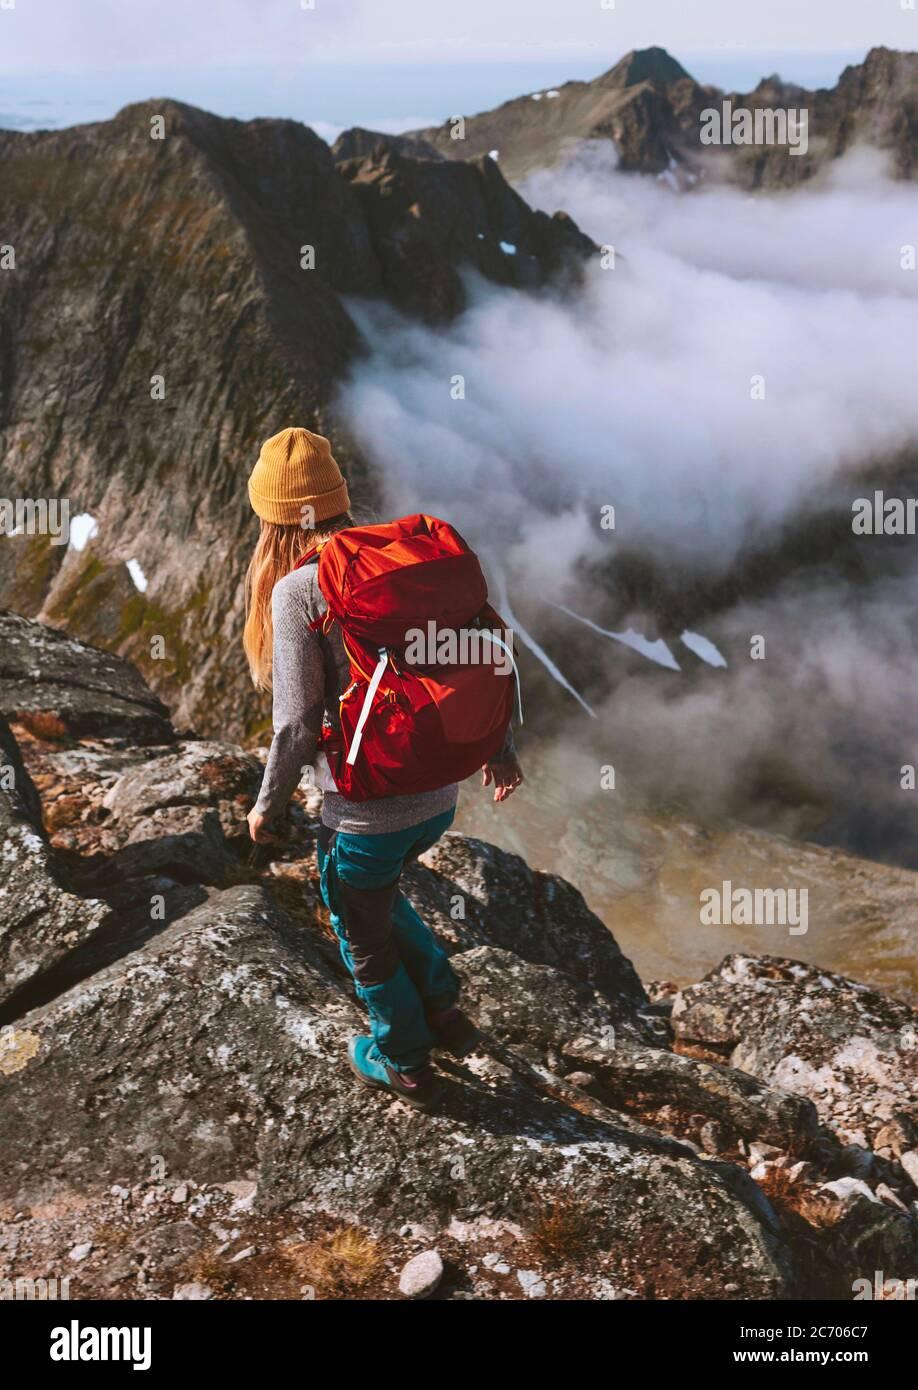 Senderismo expedición mujer backpacking en montañas solo viaje aventura estilo de vida saludable verano actividad vacaciones al aire libre extremo hobby viaje en Norw Foto de stock